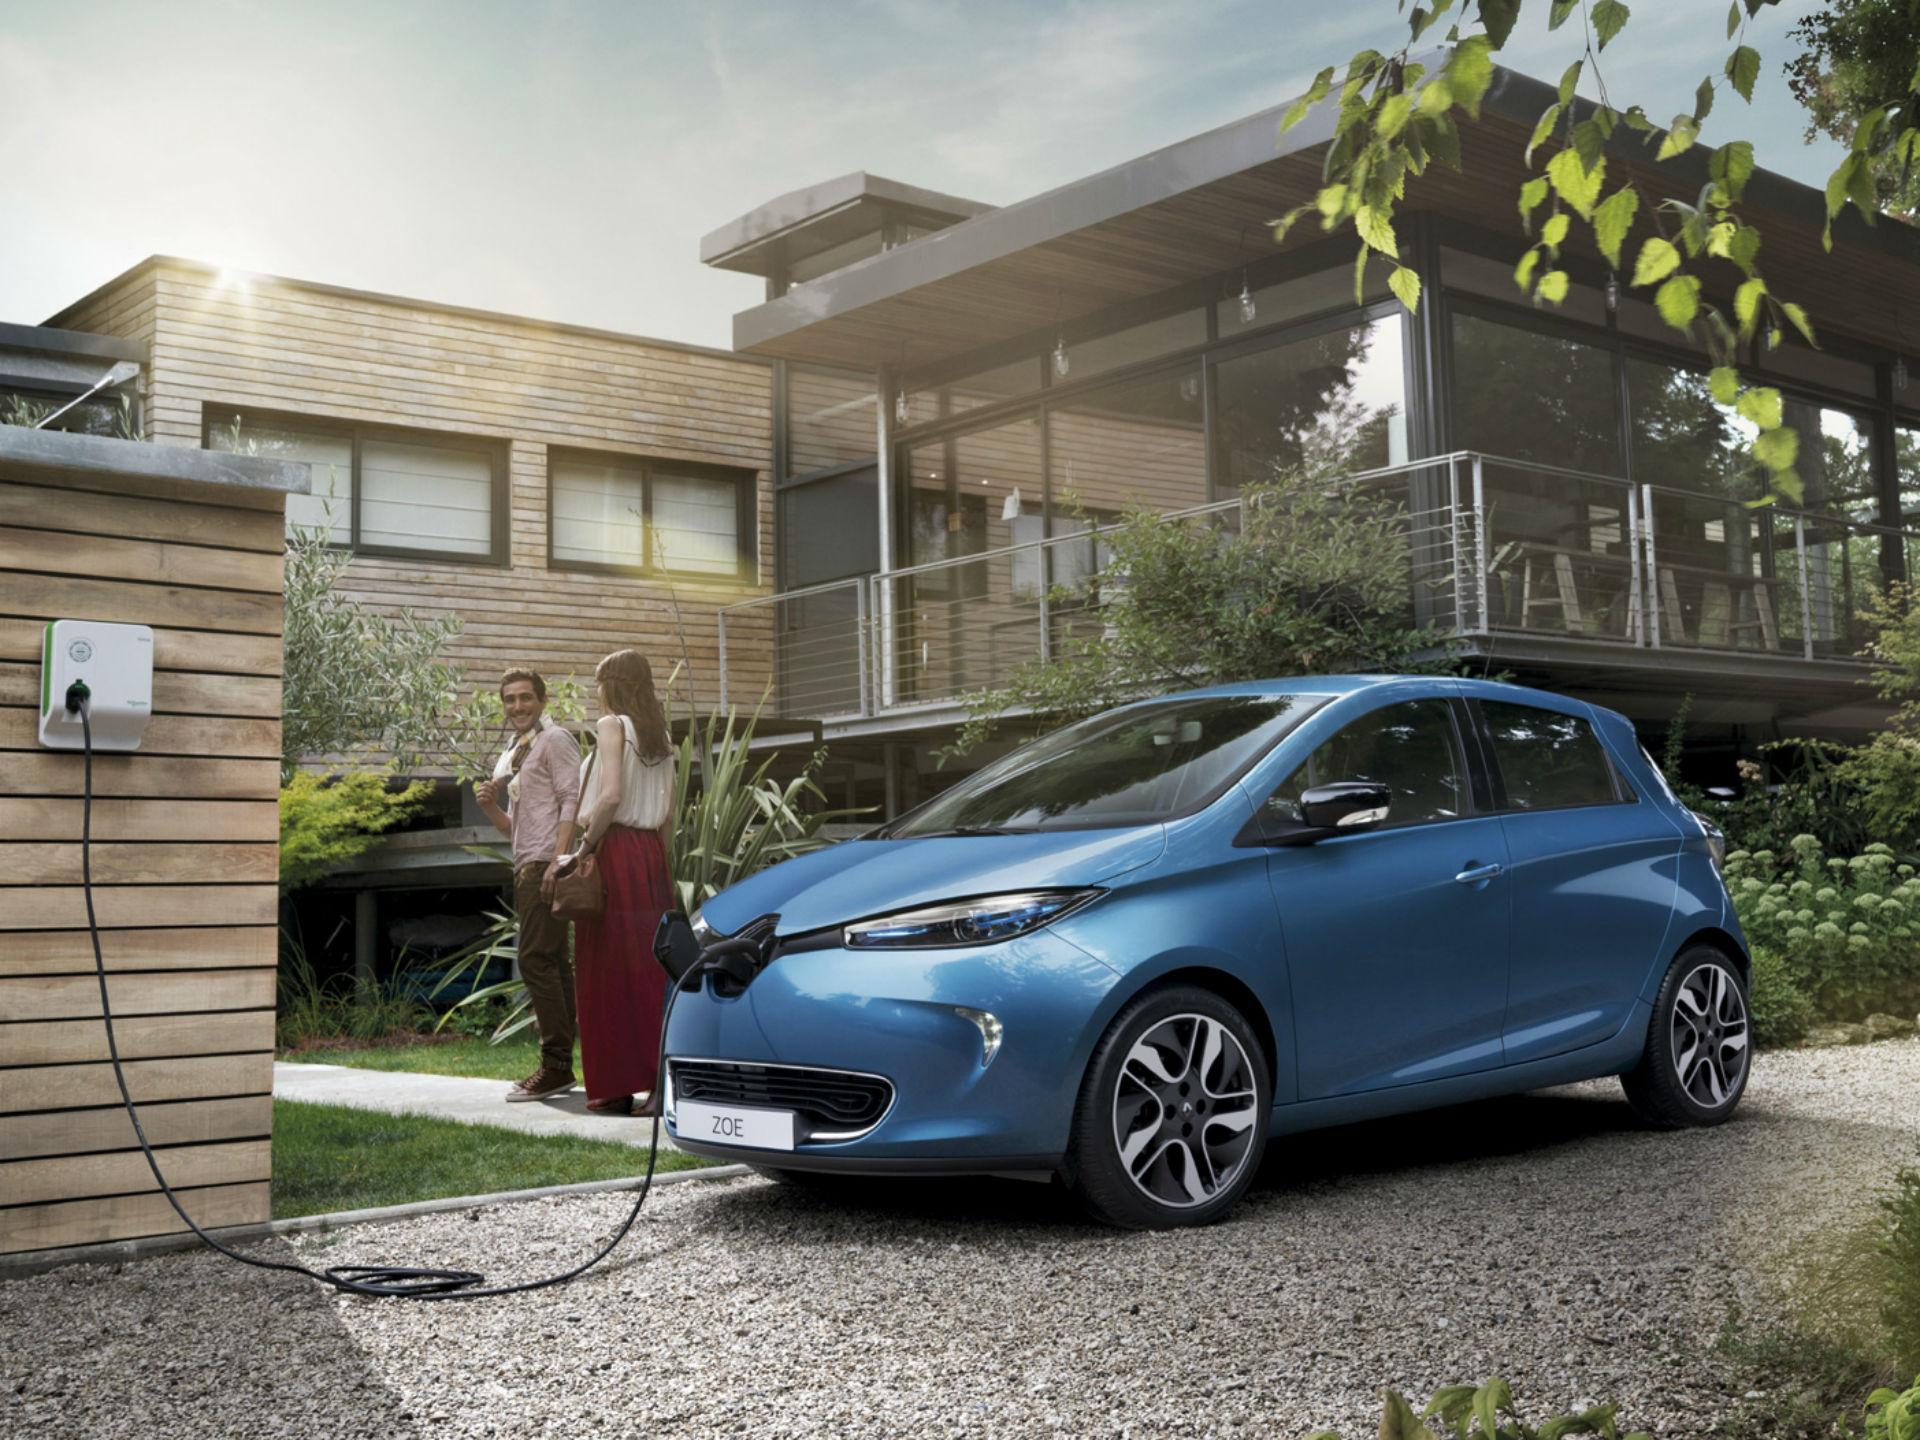 Renault Zoe. Se trata de la propuesta de un sólido eléctrico de la marca francesa. Es absolutamente eléctrico. Monta un motor de 88 hp, una autonomía de 210 km y un clima de recarga de nueve horas. Foto: Renault